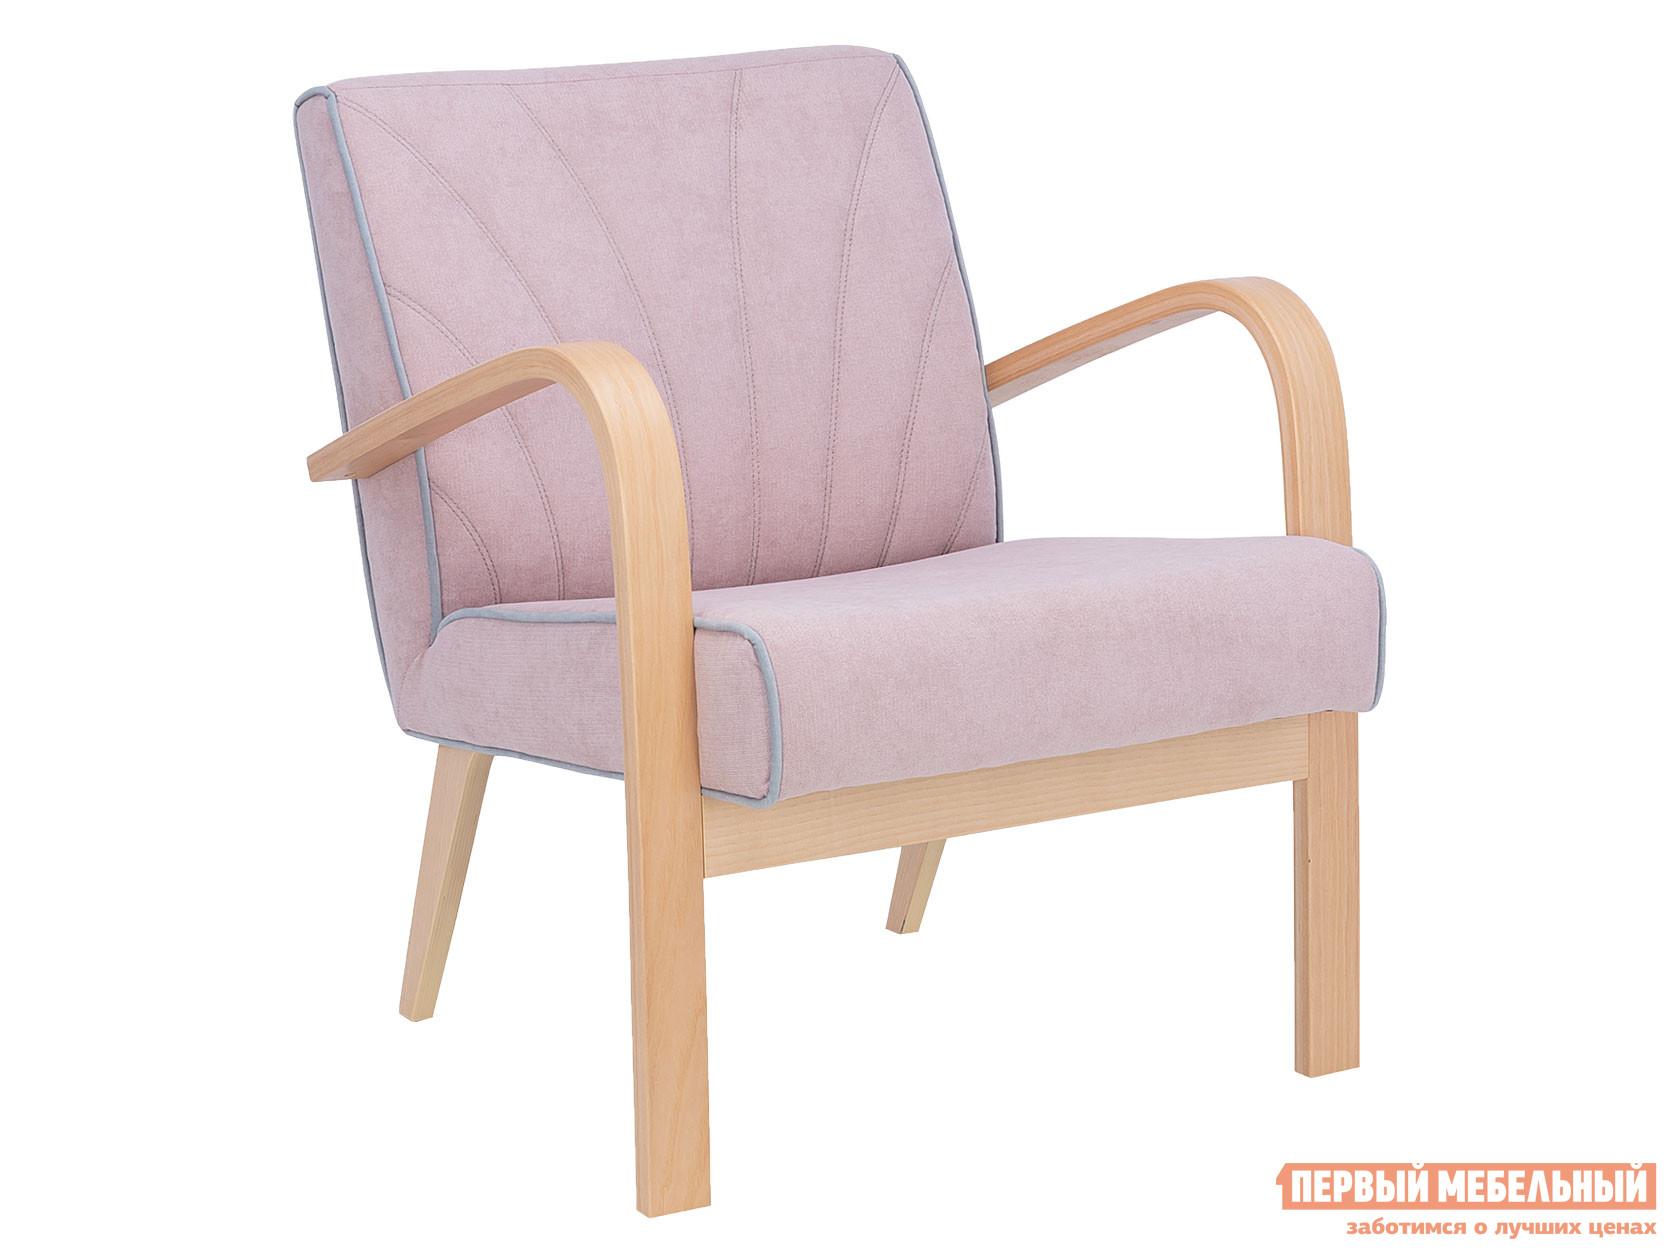 Кресло Первый Мебельный Кресло для отдыха Шелл